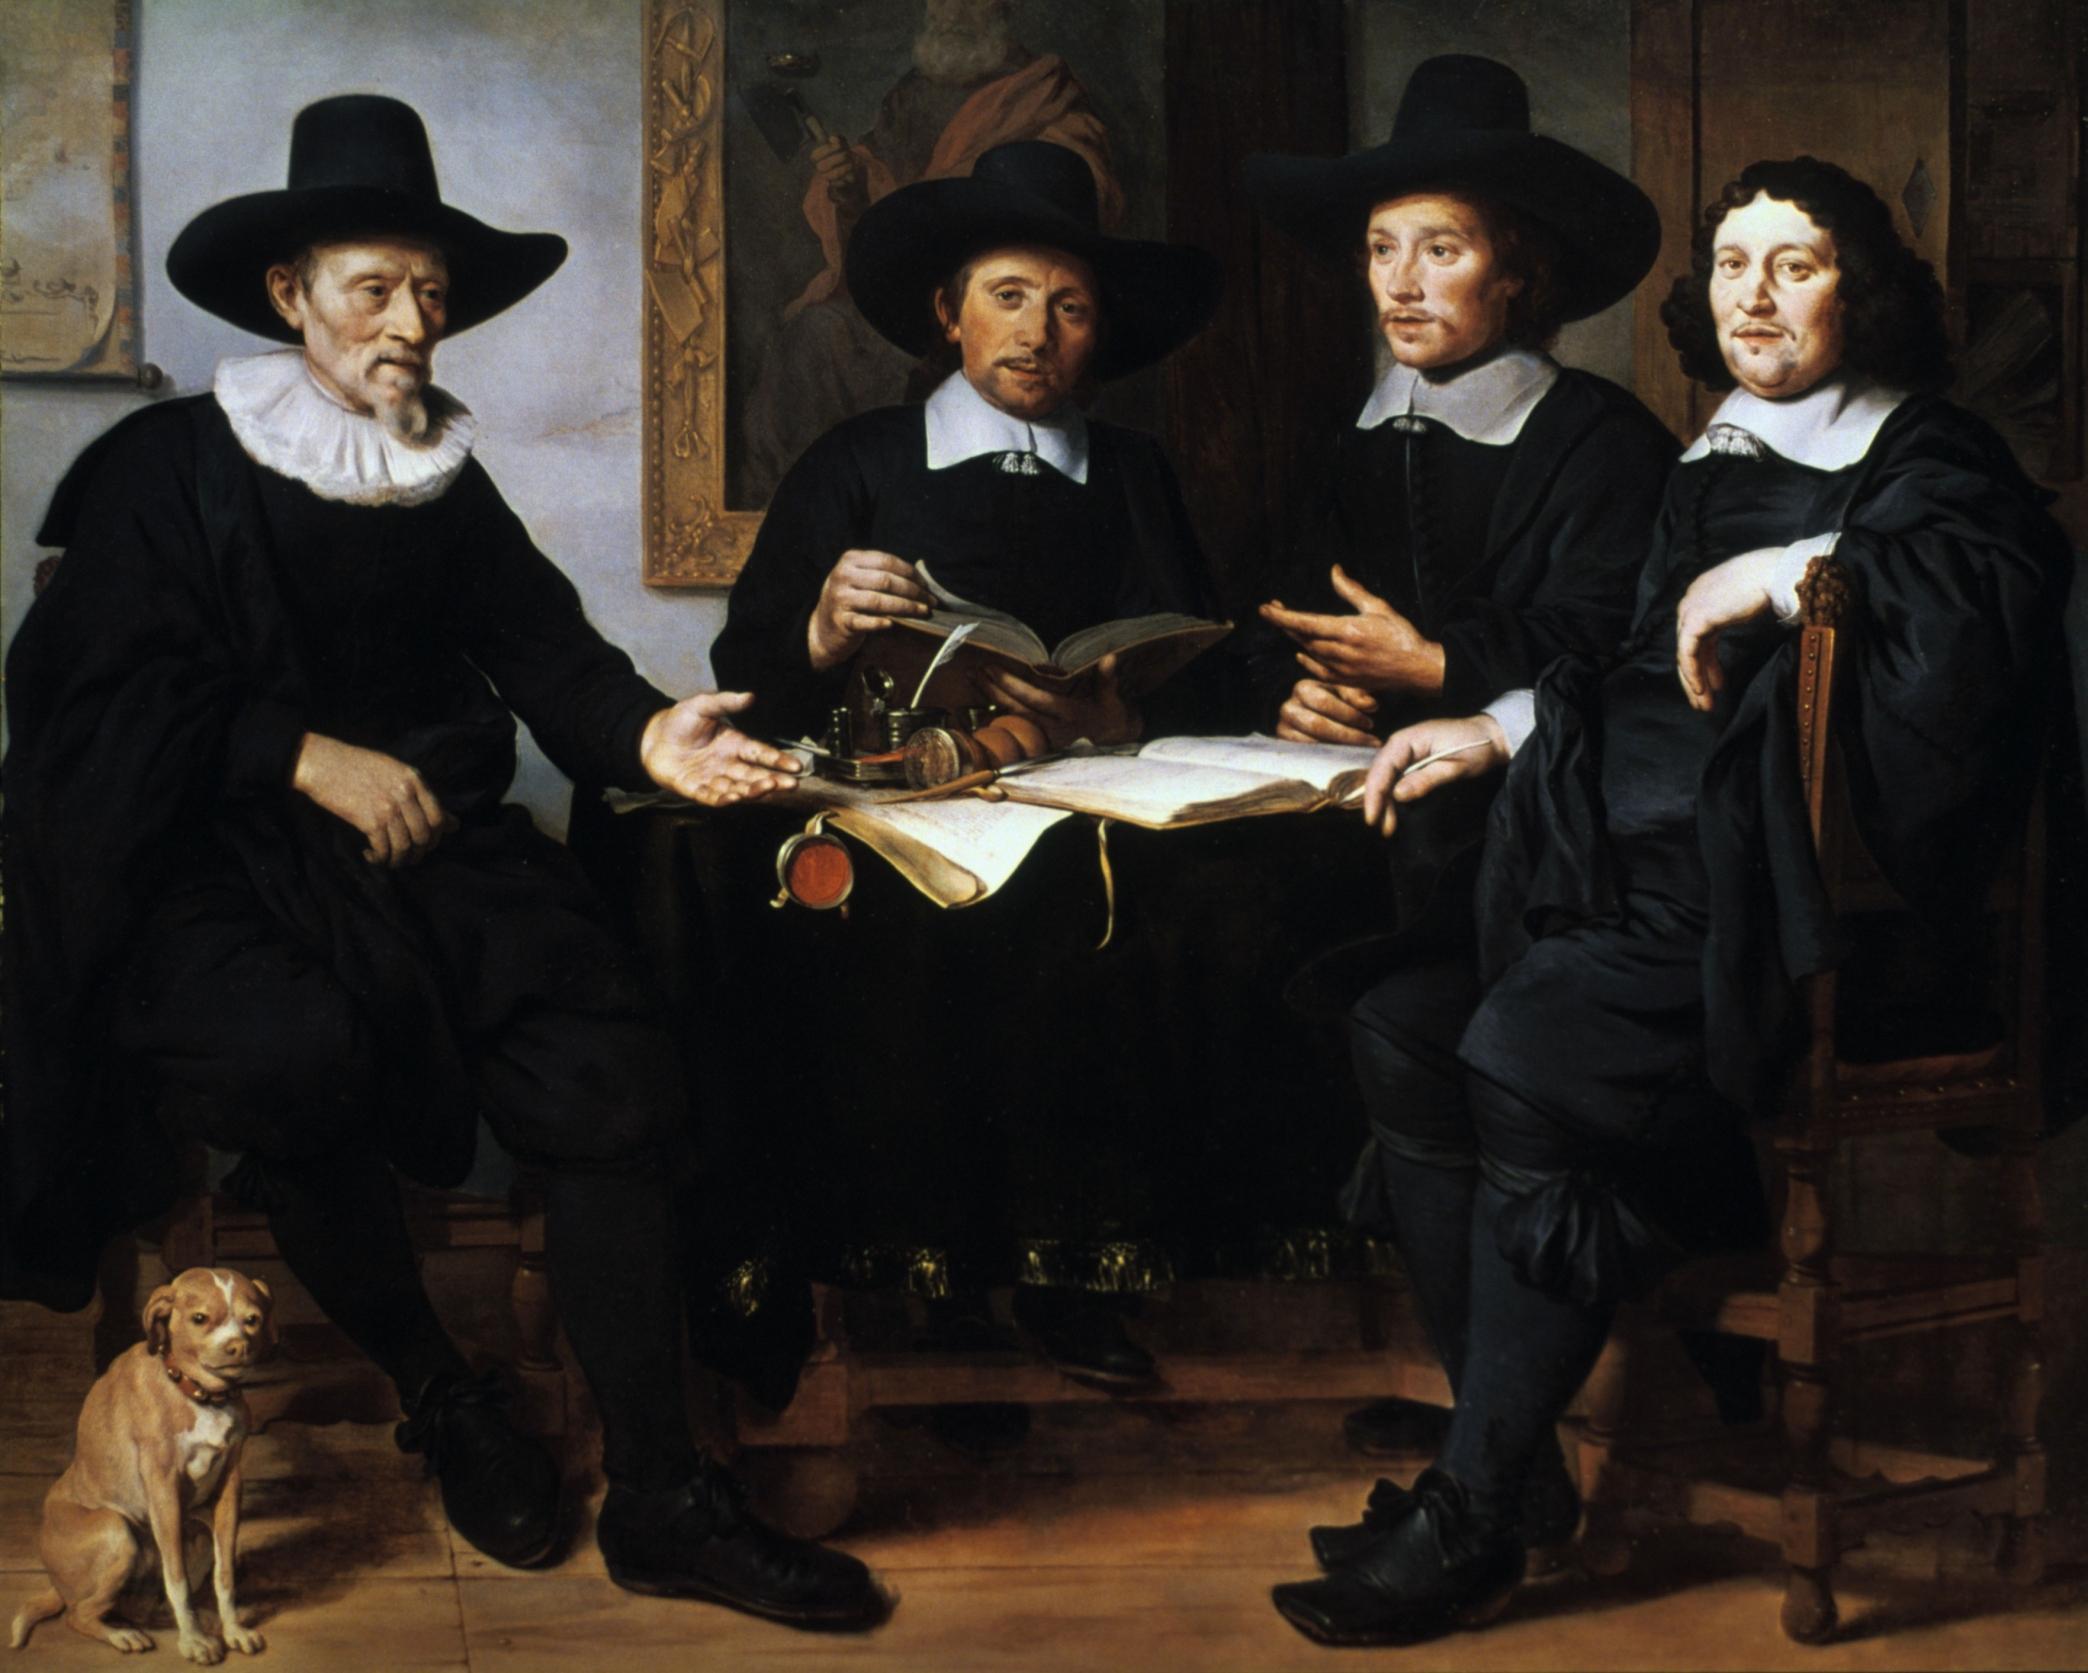 Quakers religion